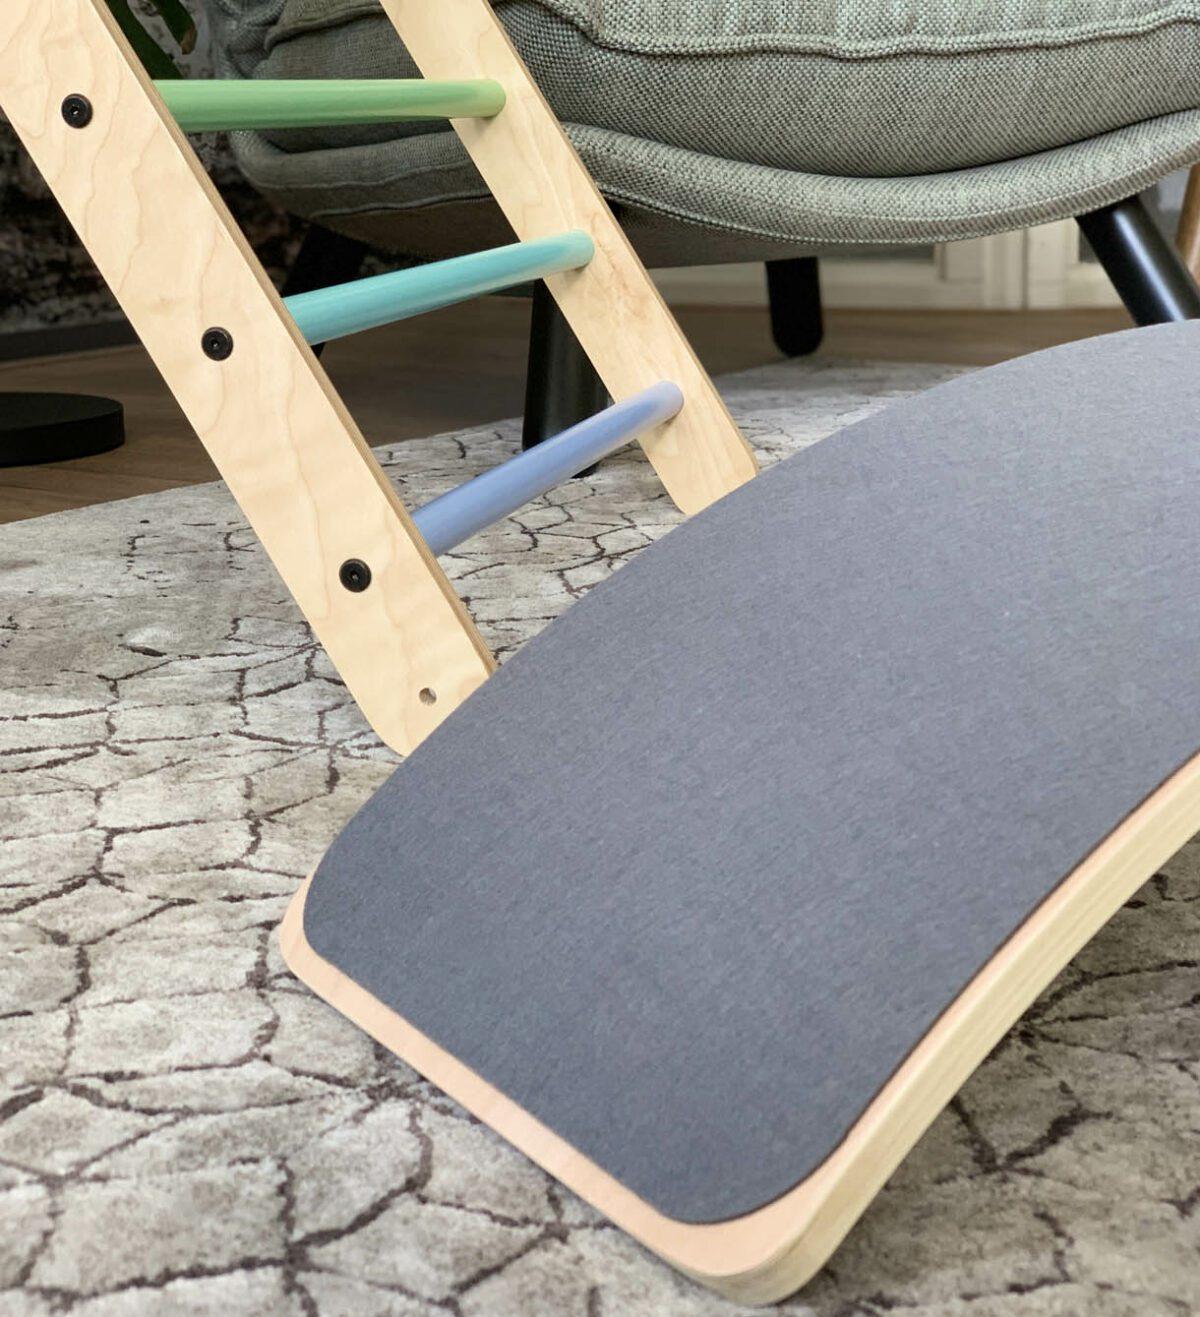 Houten balanceboard jindl vilt grijs detail